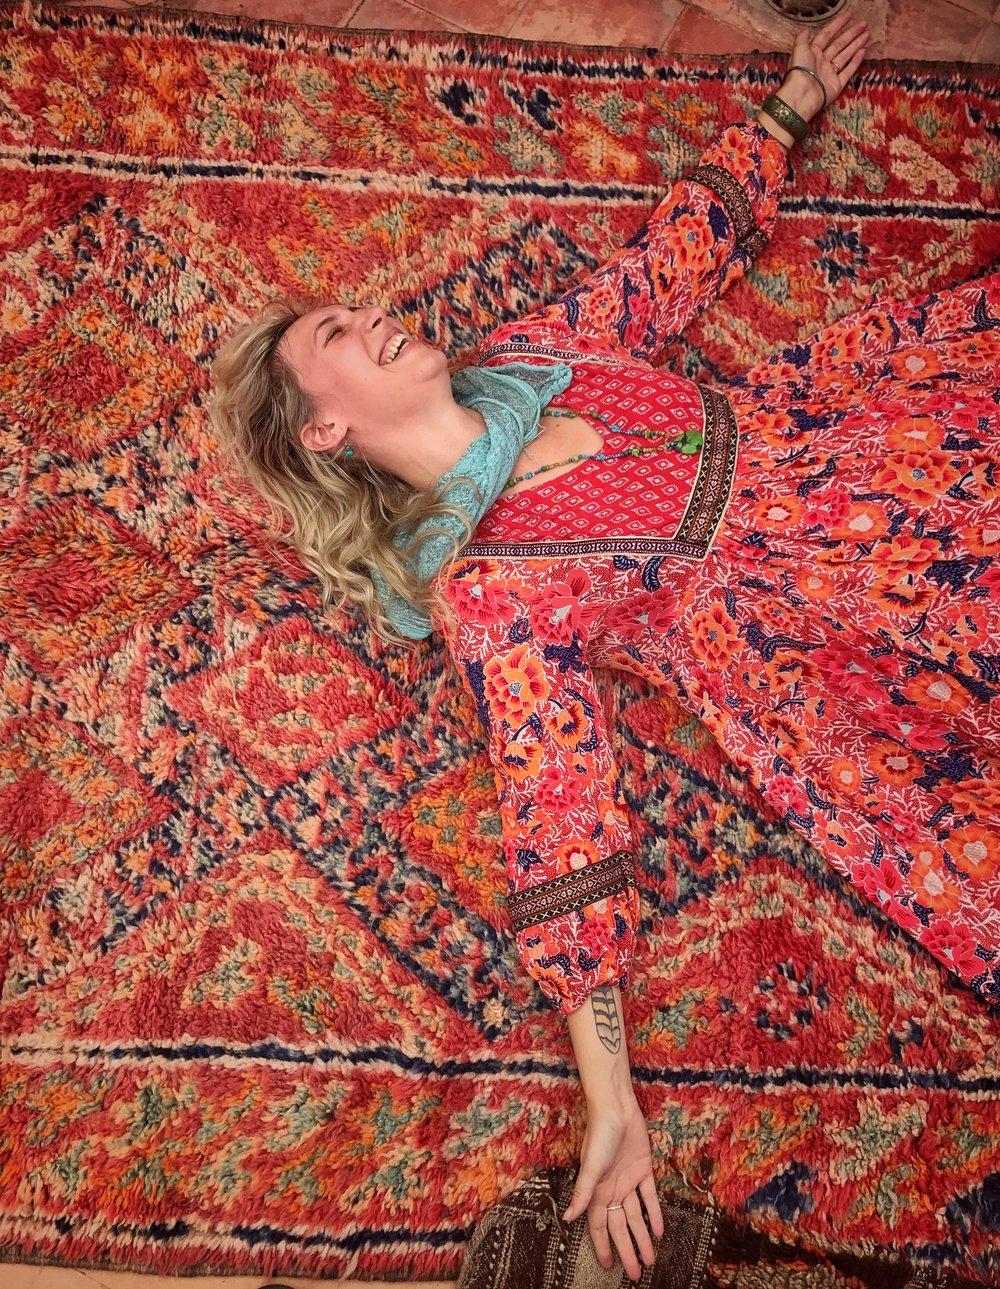 Matching a rug!